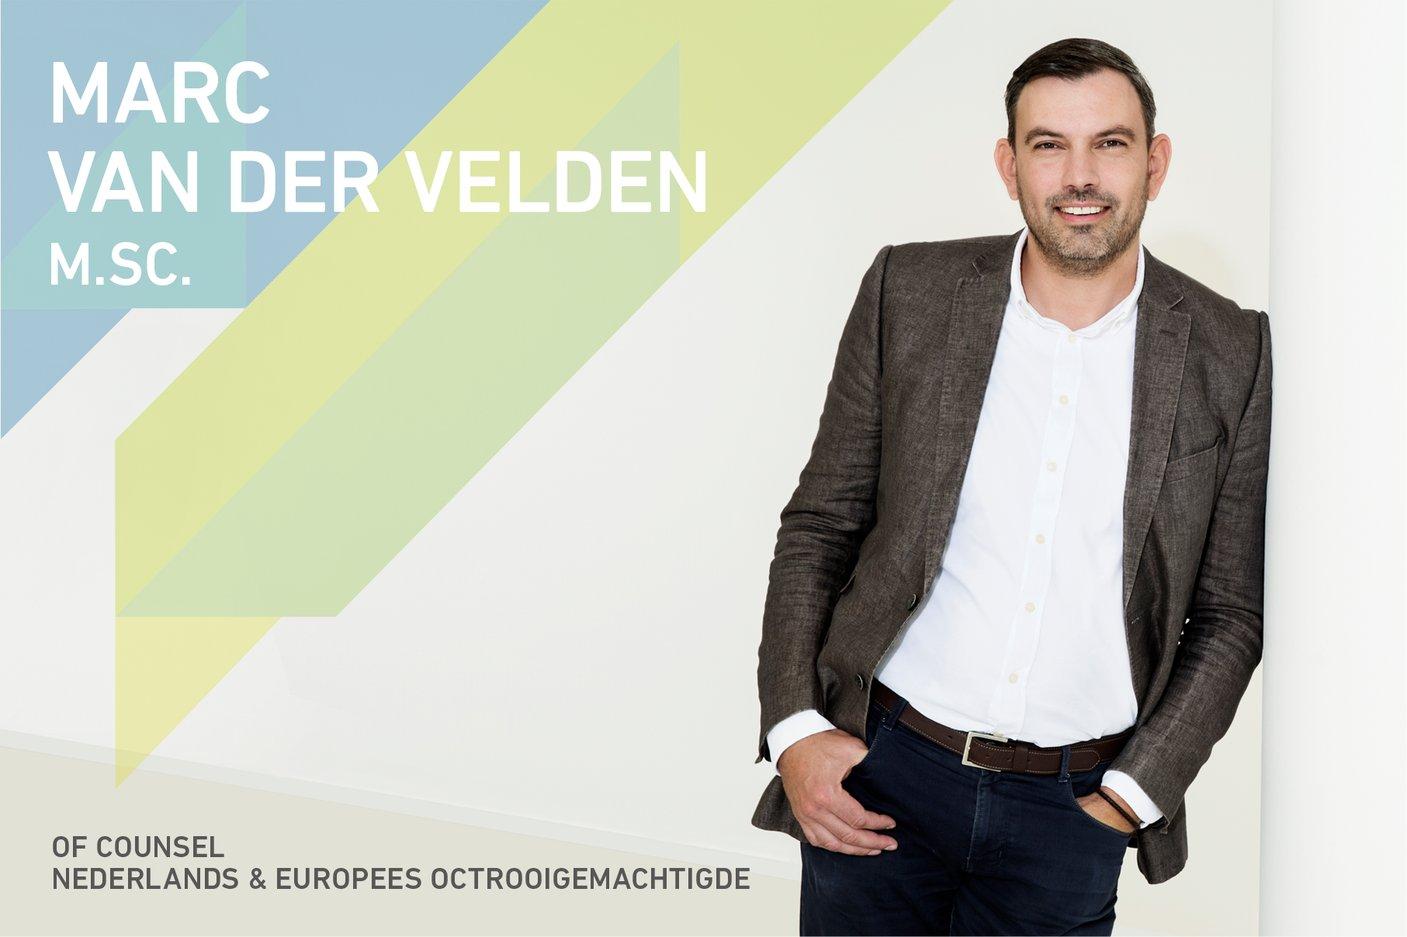 Marc van der Velden